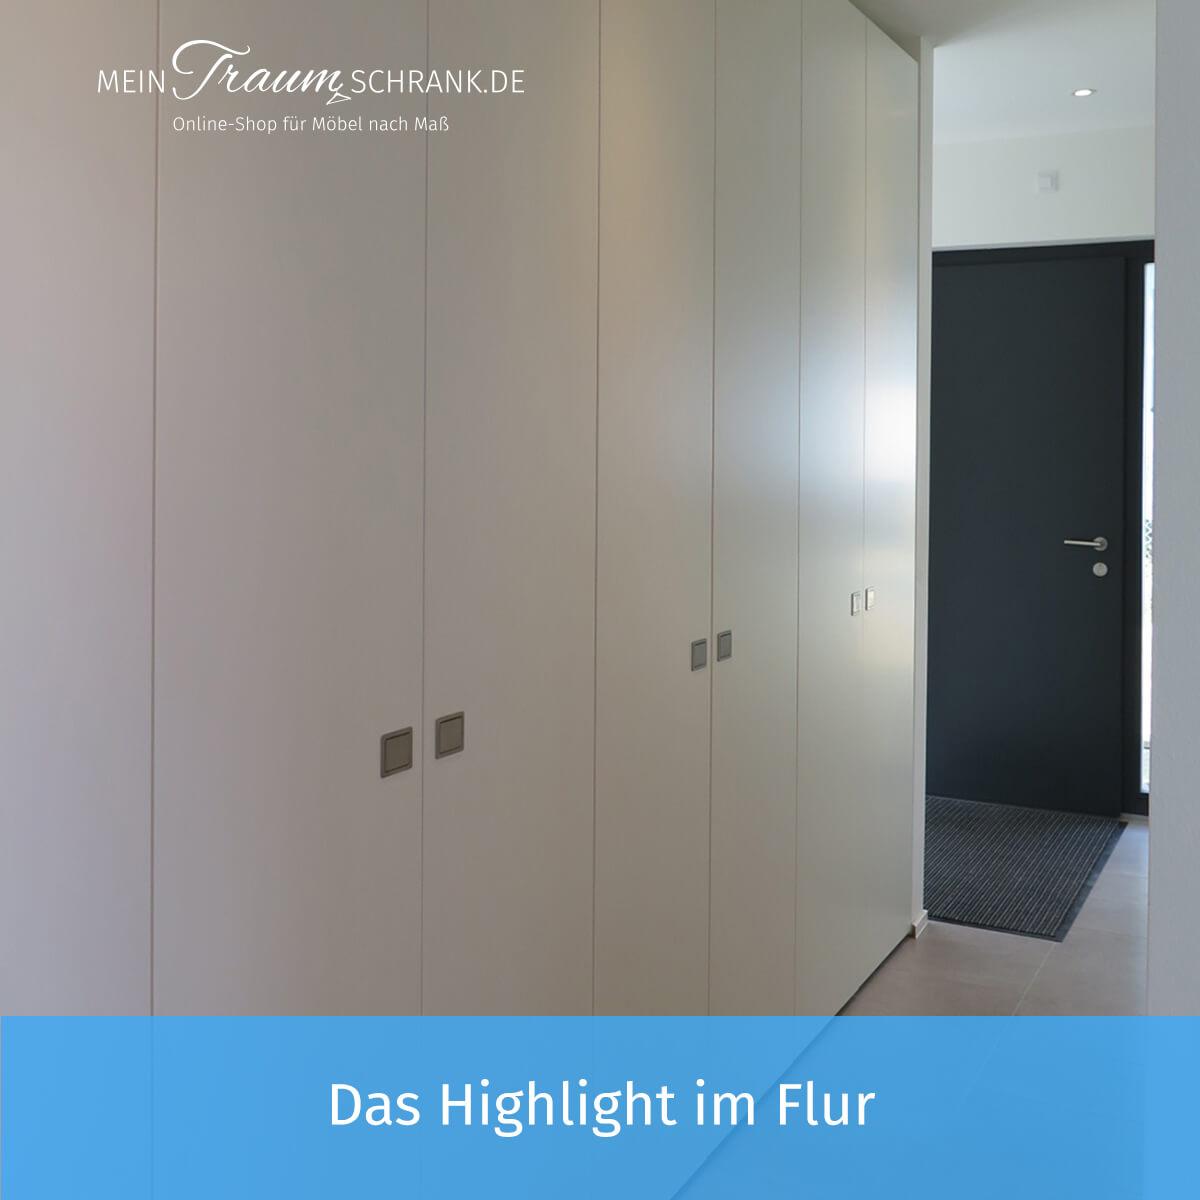 Garderobenschrank nach Maß - Mein-Traumschrank.de